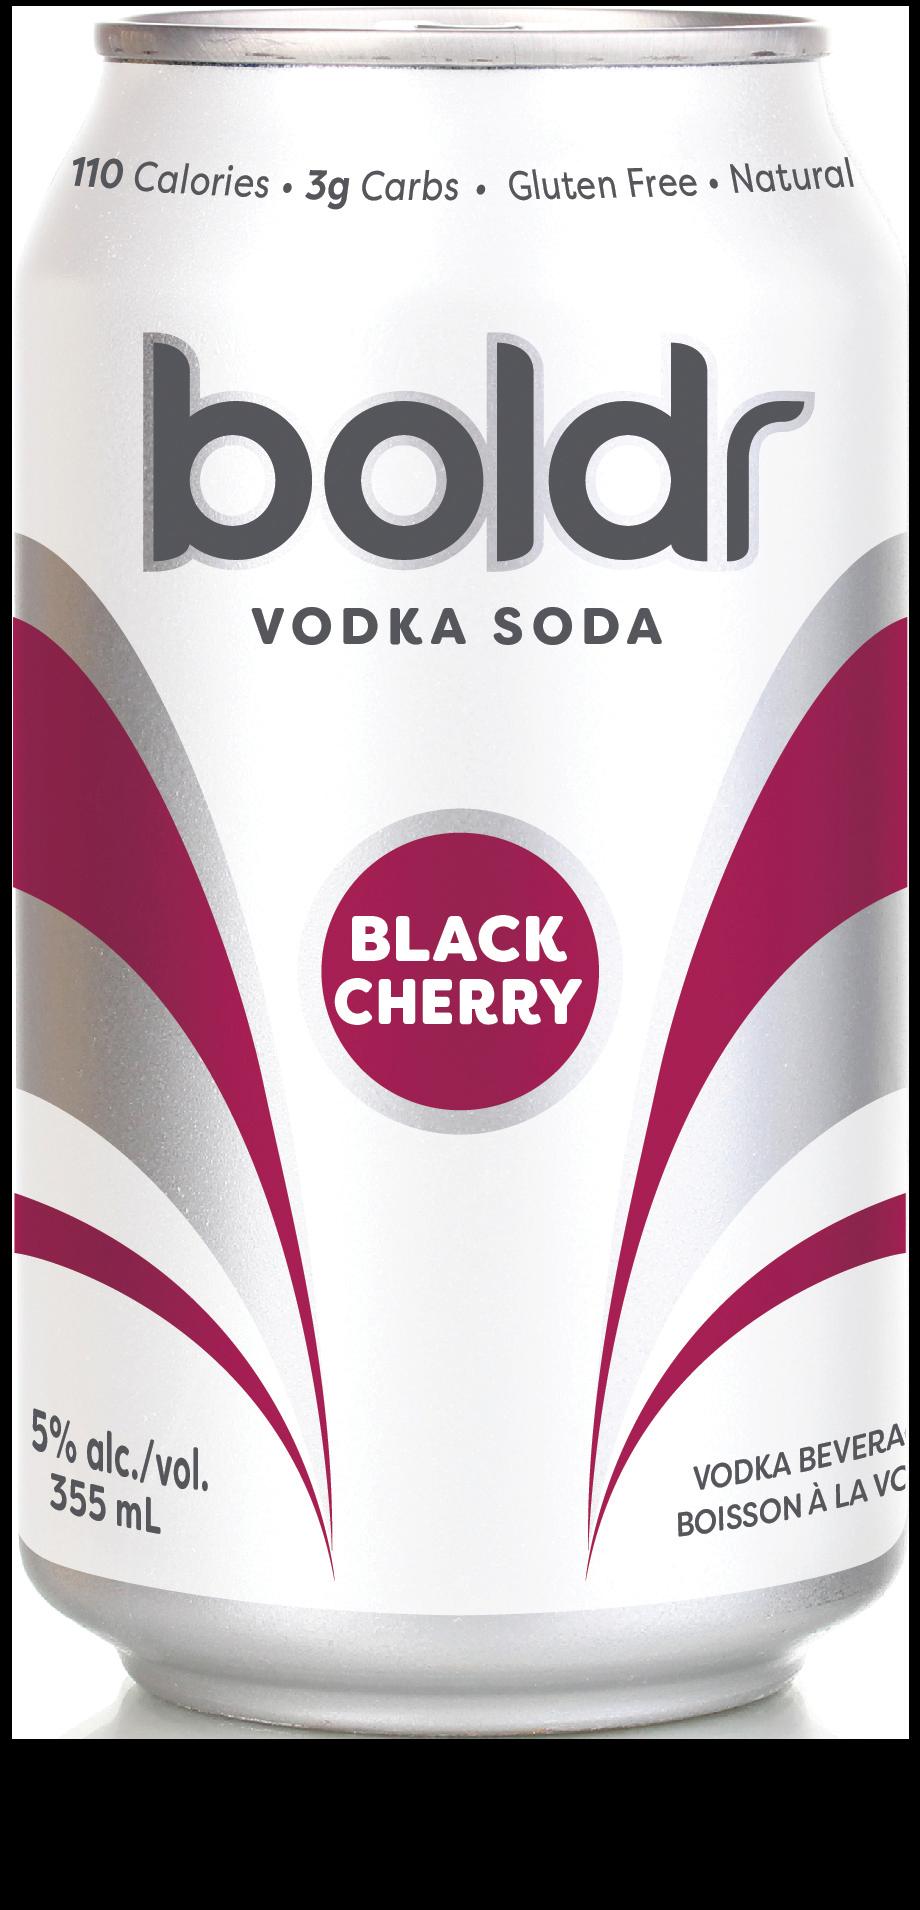 Boldr Black Cherry Vodka Soda